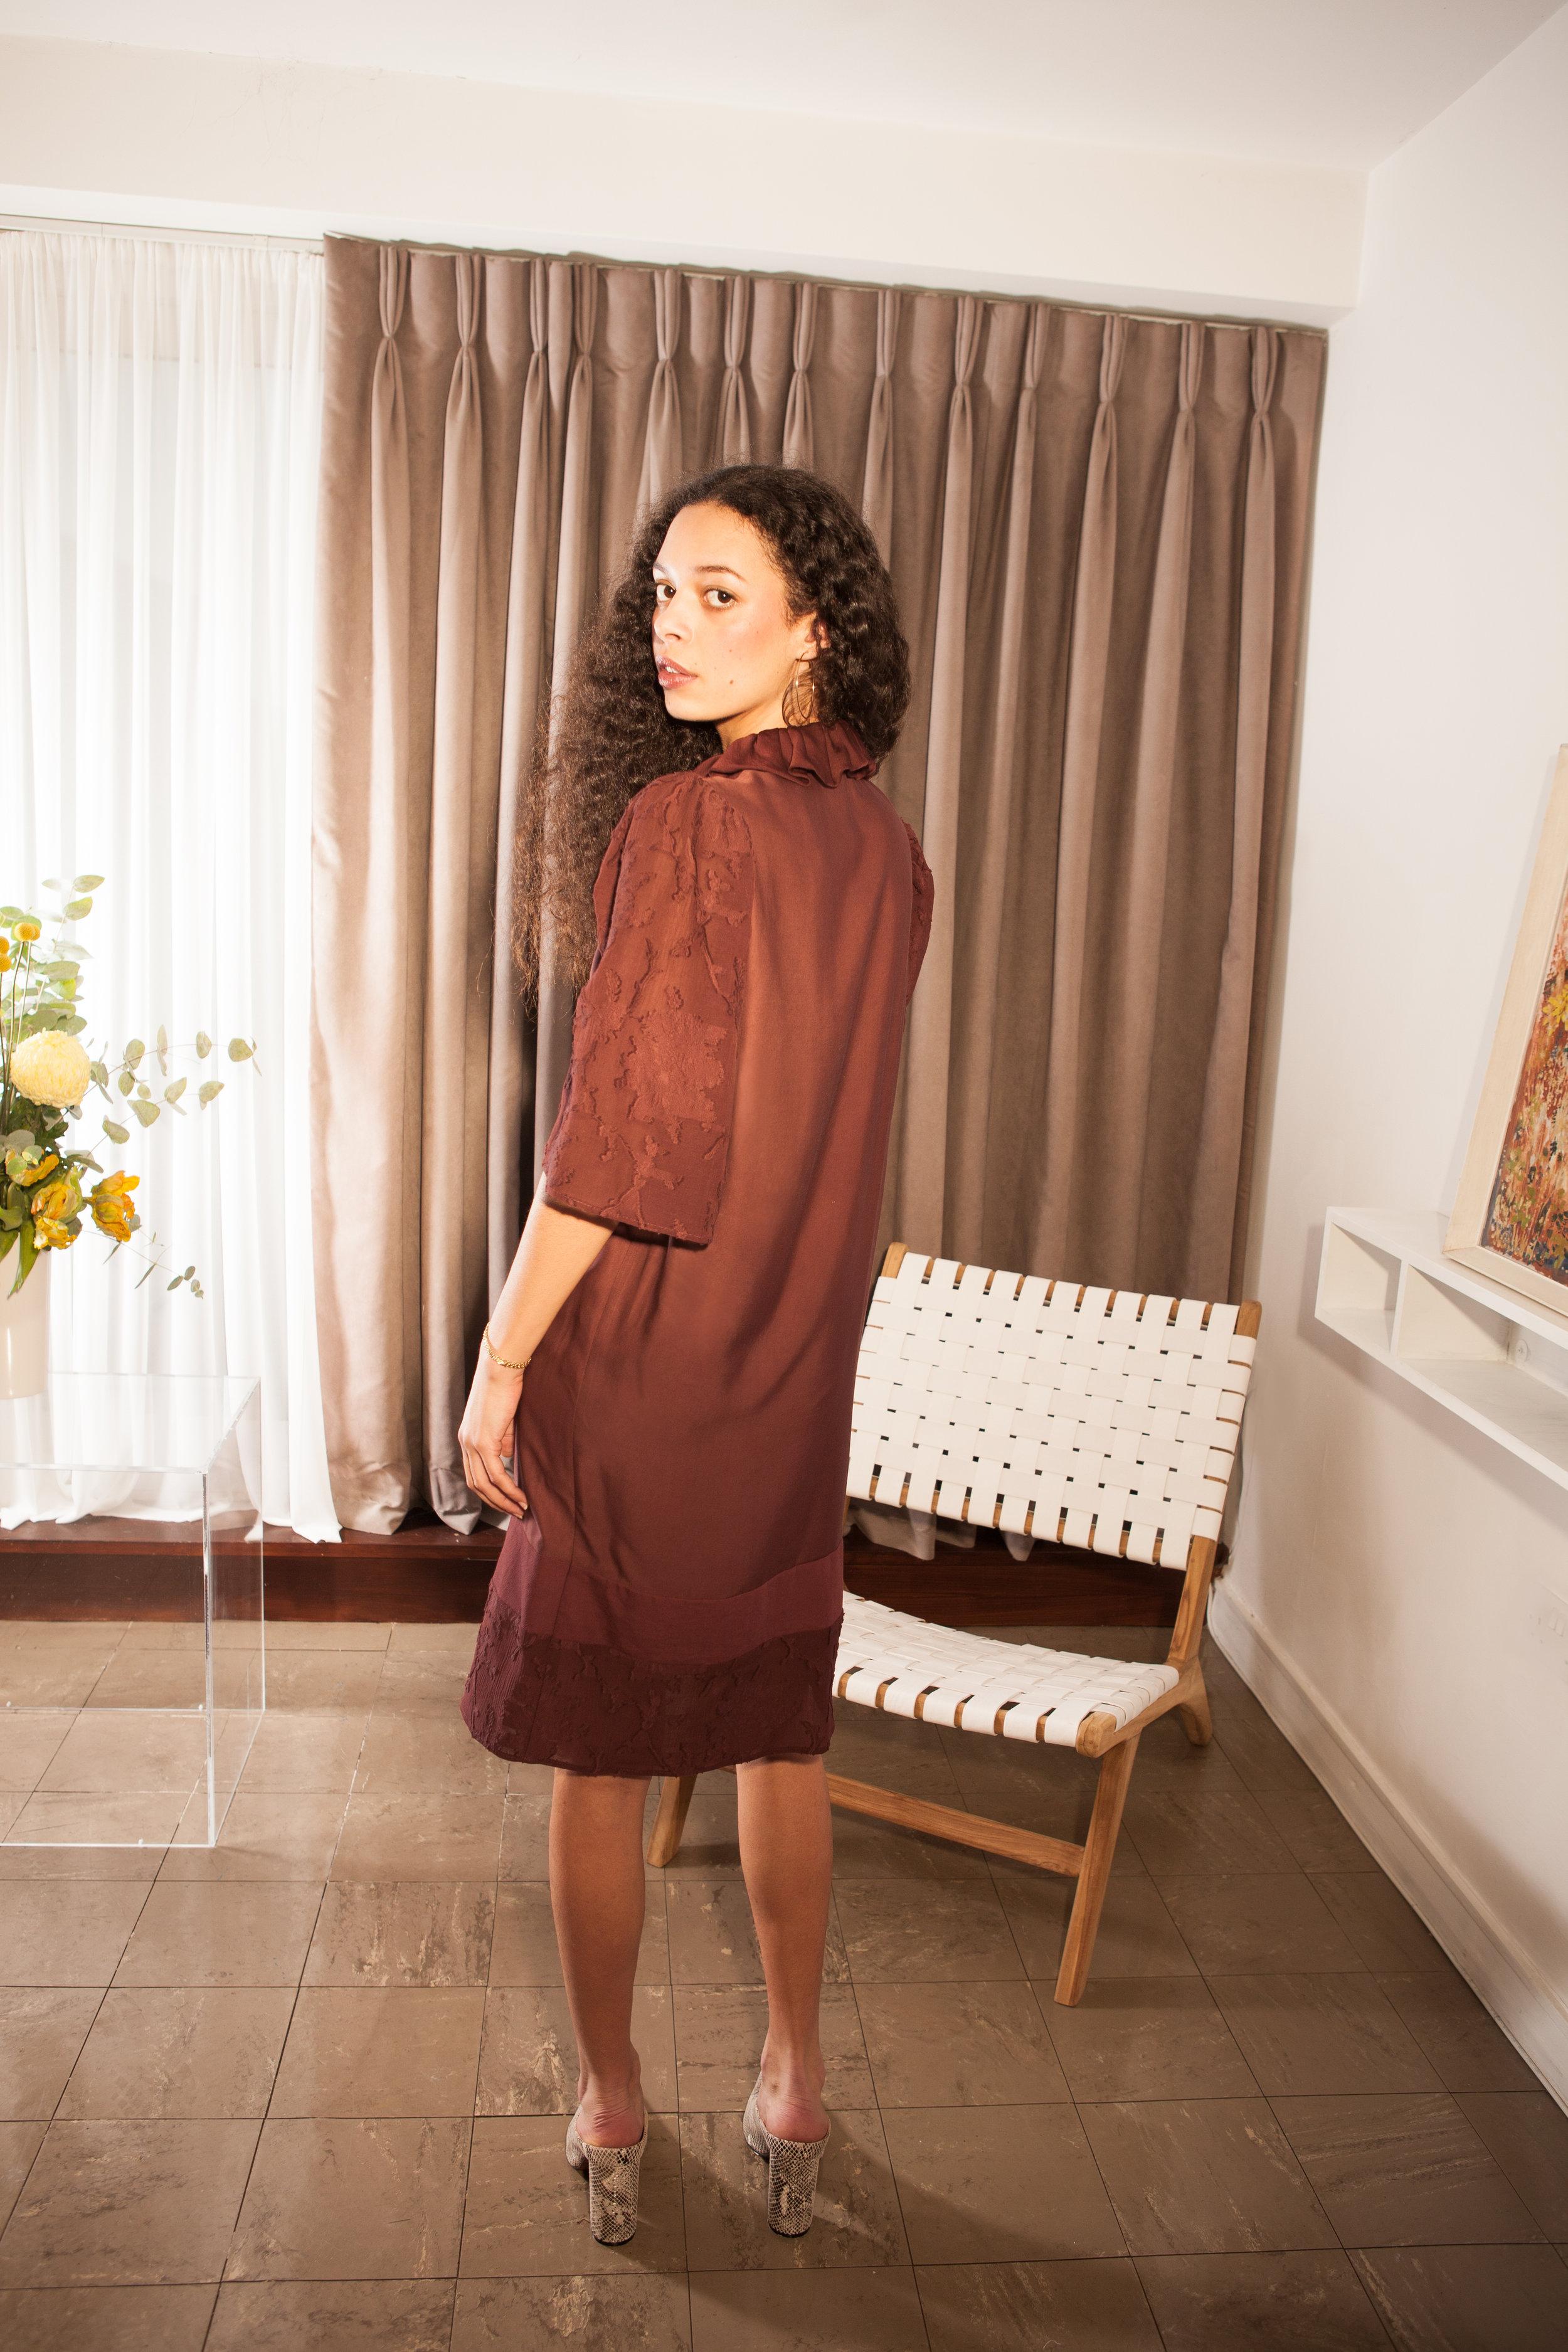 Purple dress with sleeves by Baue.jpg